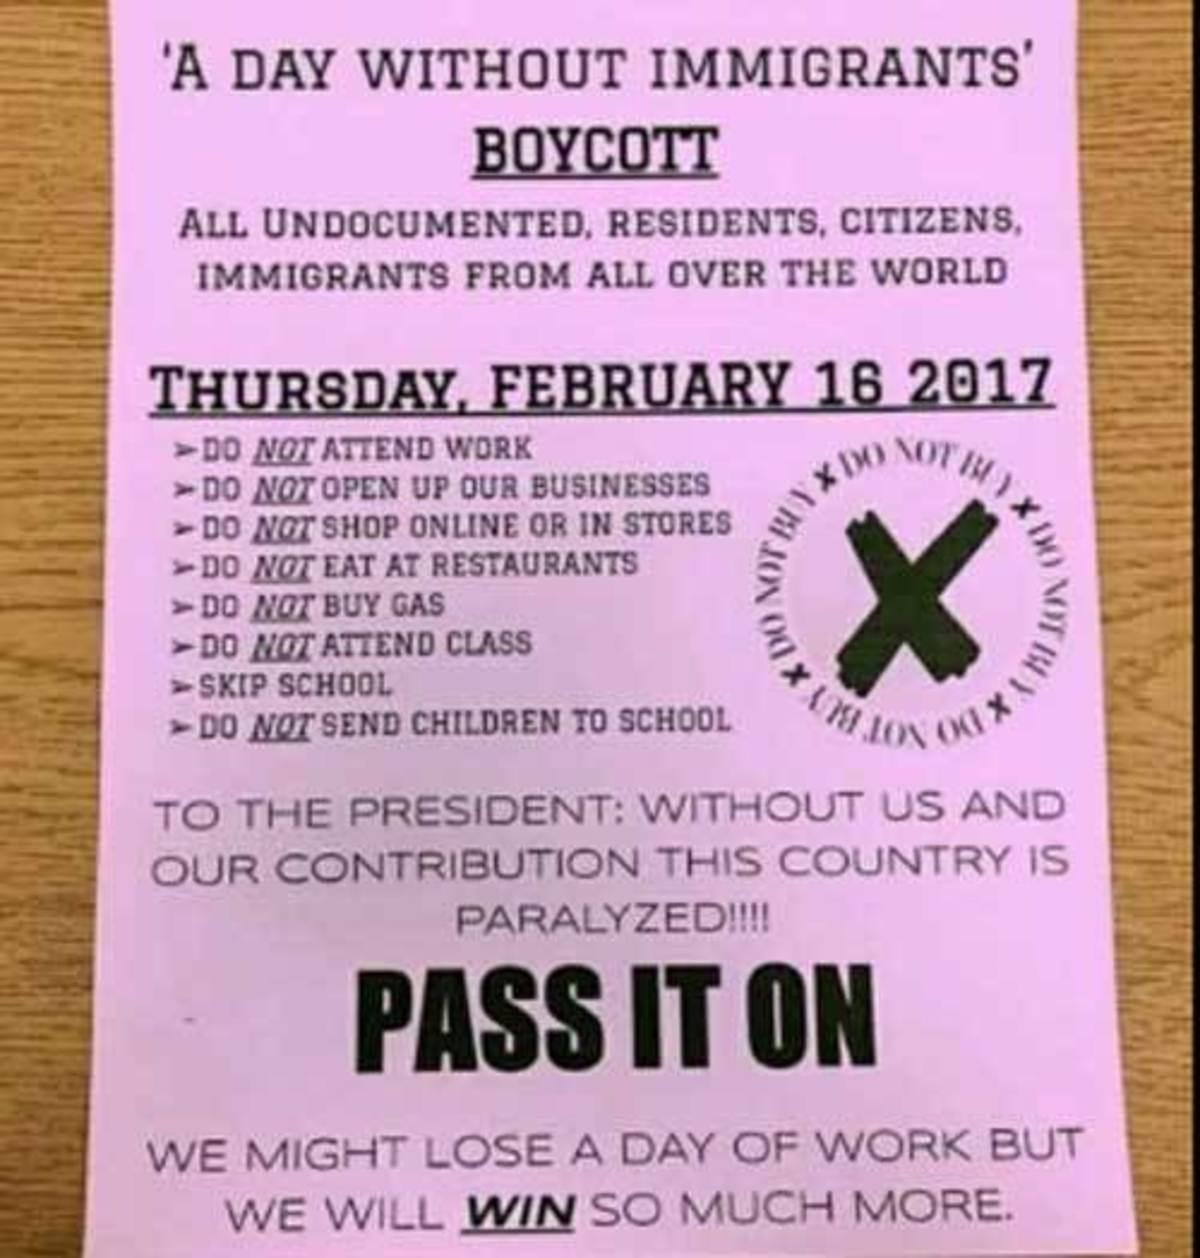 Κλειστά τα εστιατόρια στην Ουάσινγκτον για να διαμαρτυρηθούν κατά του Τραμπ! | Newsit.gr